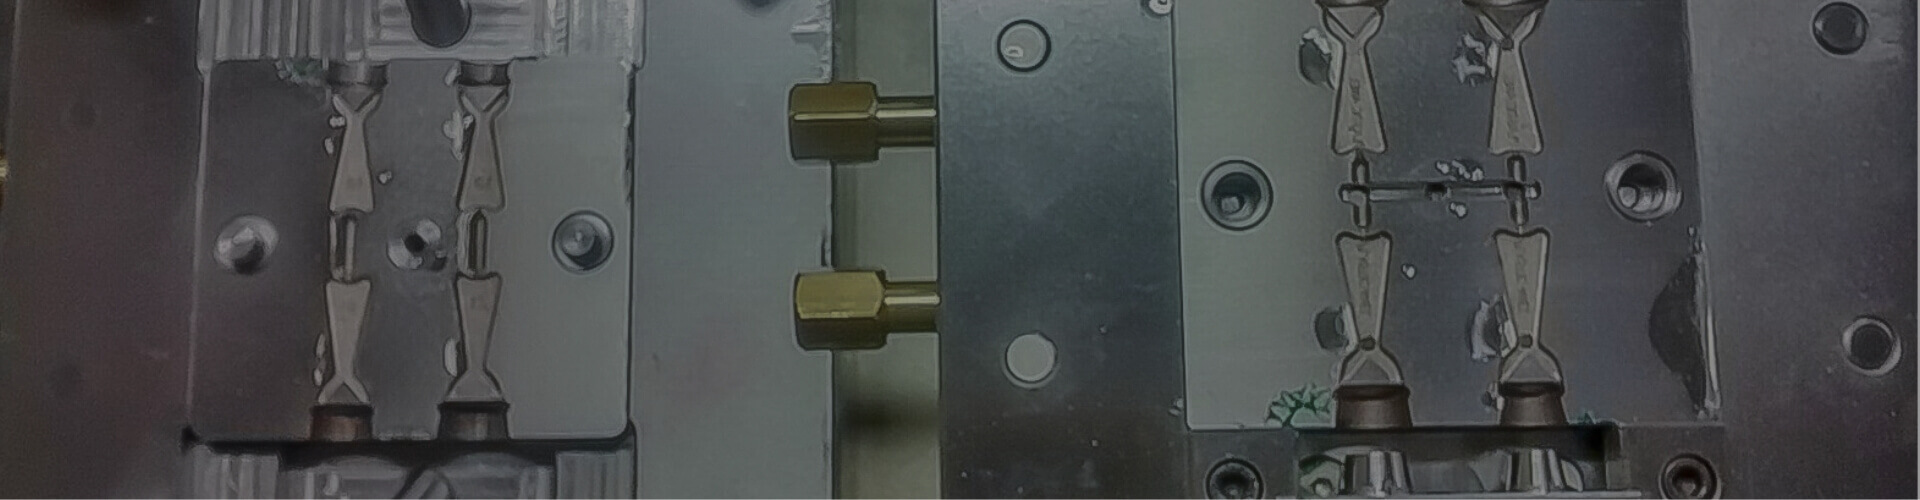 Manutenção de moldes,